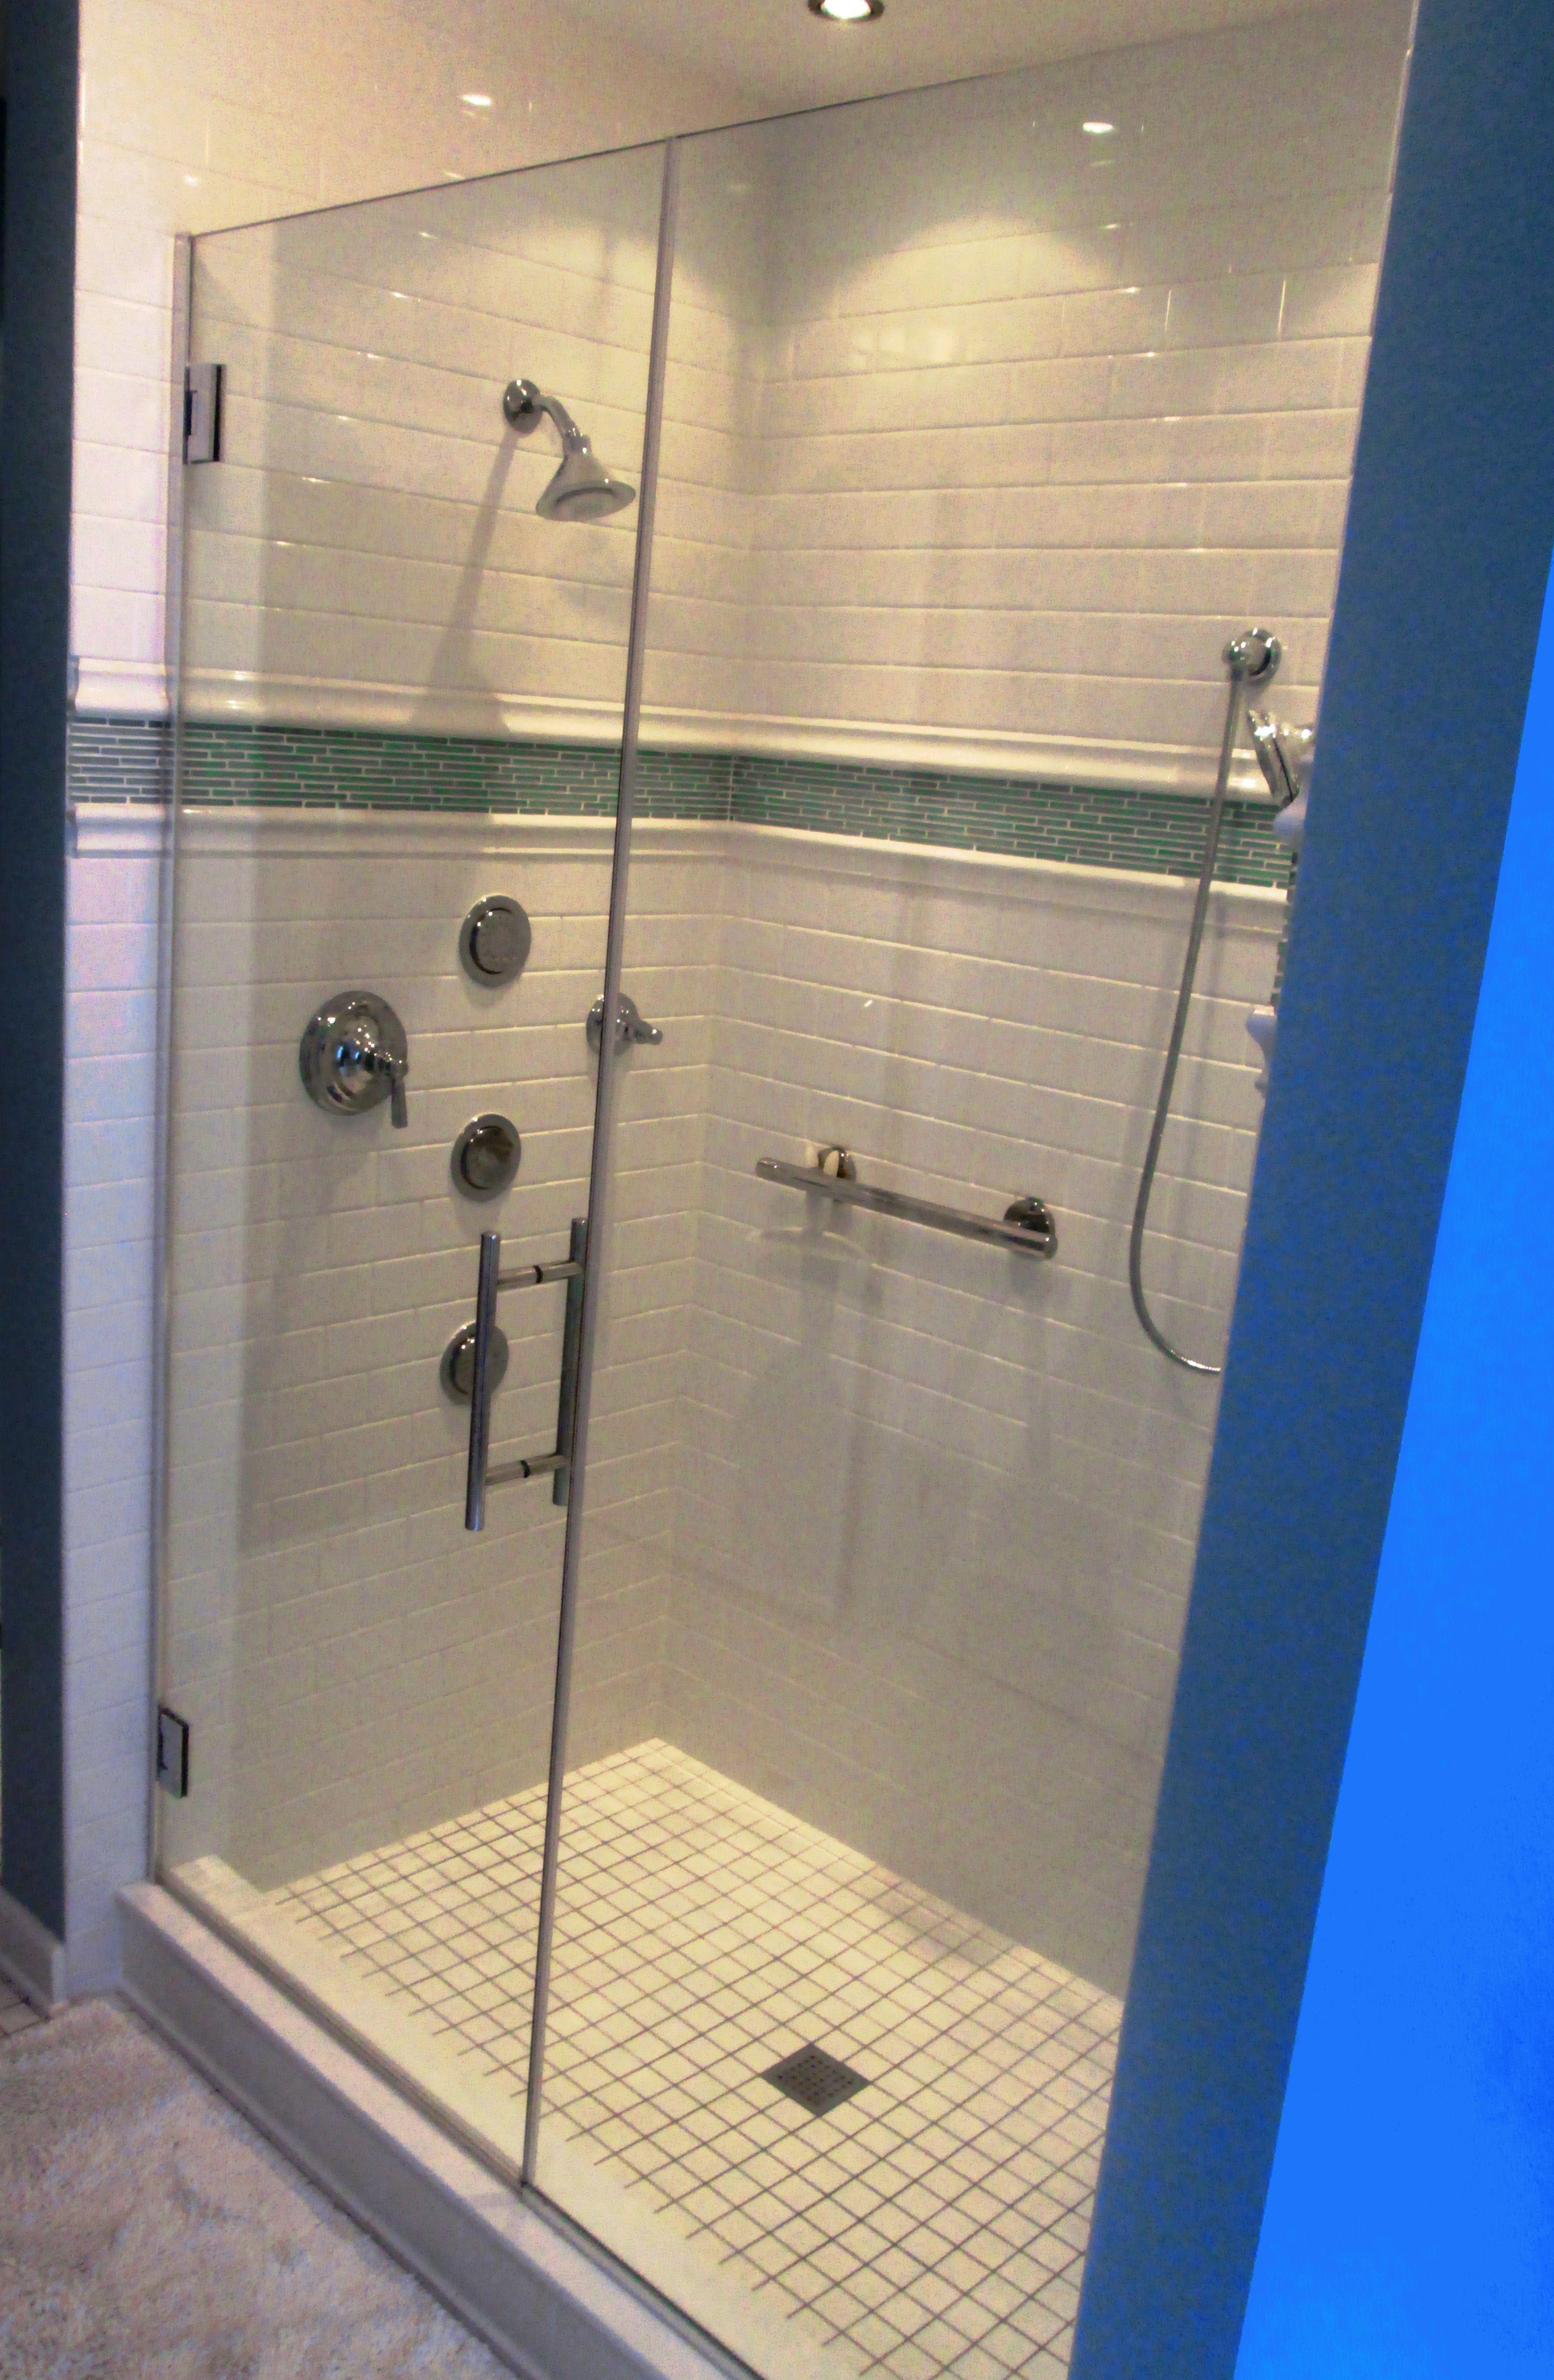 Bathroom Remodeling Contractors In Buffalo Ny Ivy Lea Construction Bathroom Renovations Bathroom Remodeling Contractors Bath Renovation Bathroom renovation buffalo ny